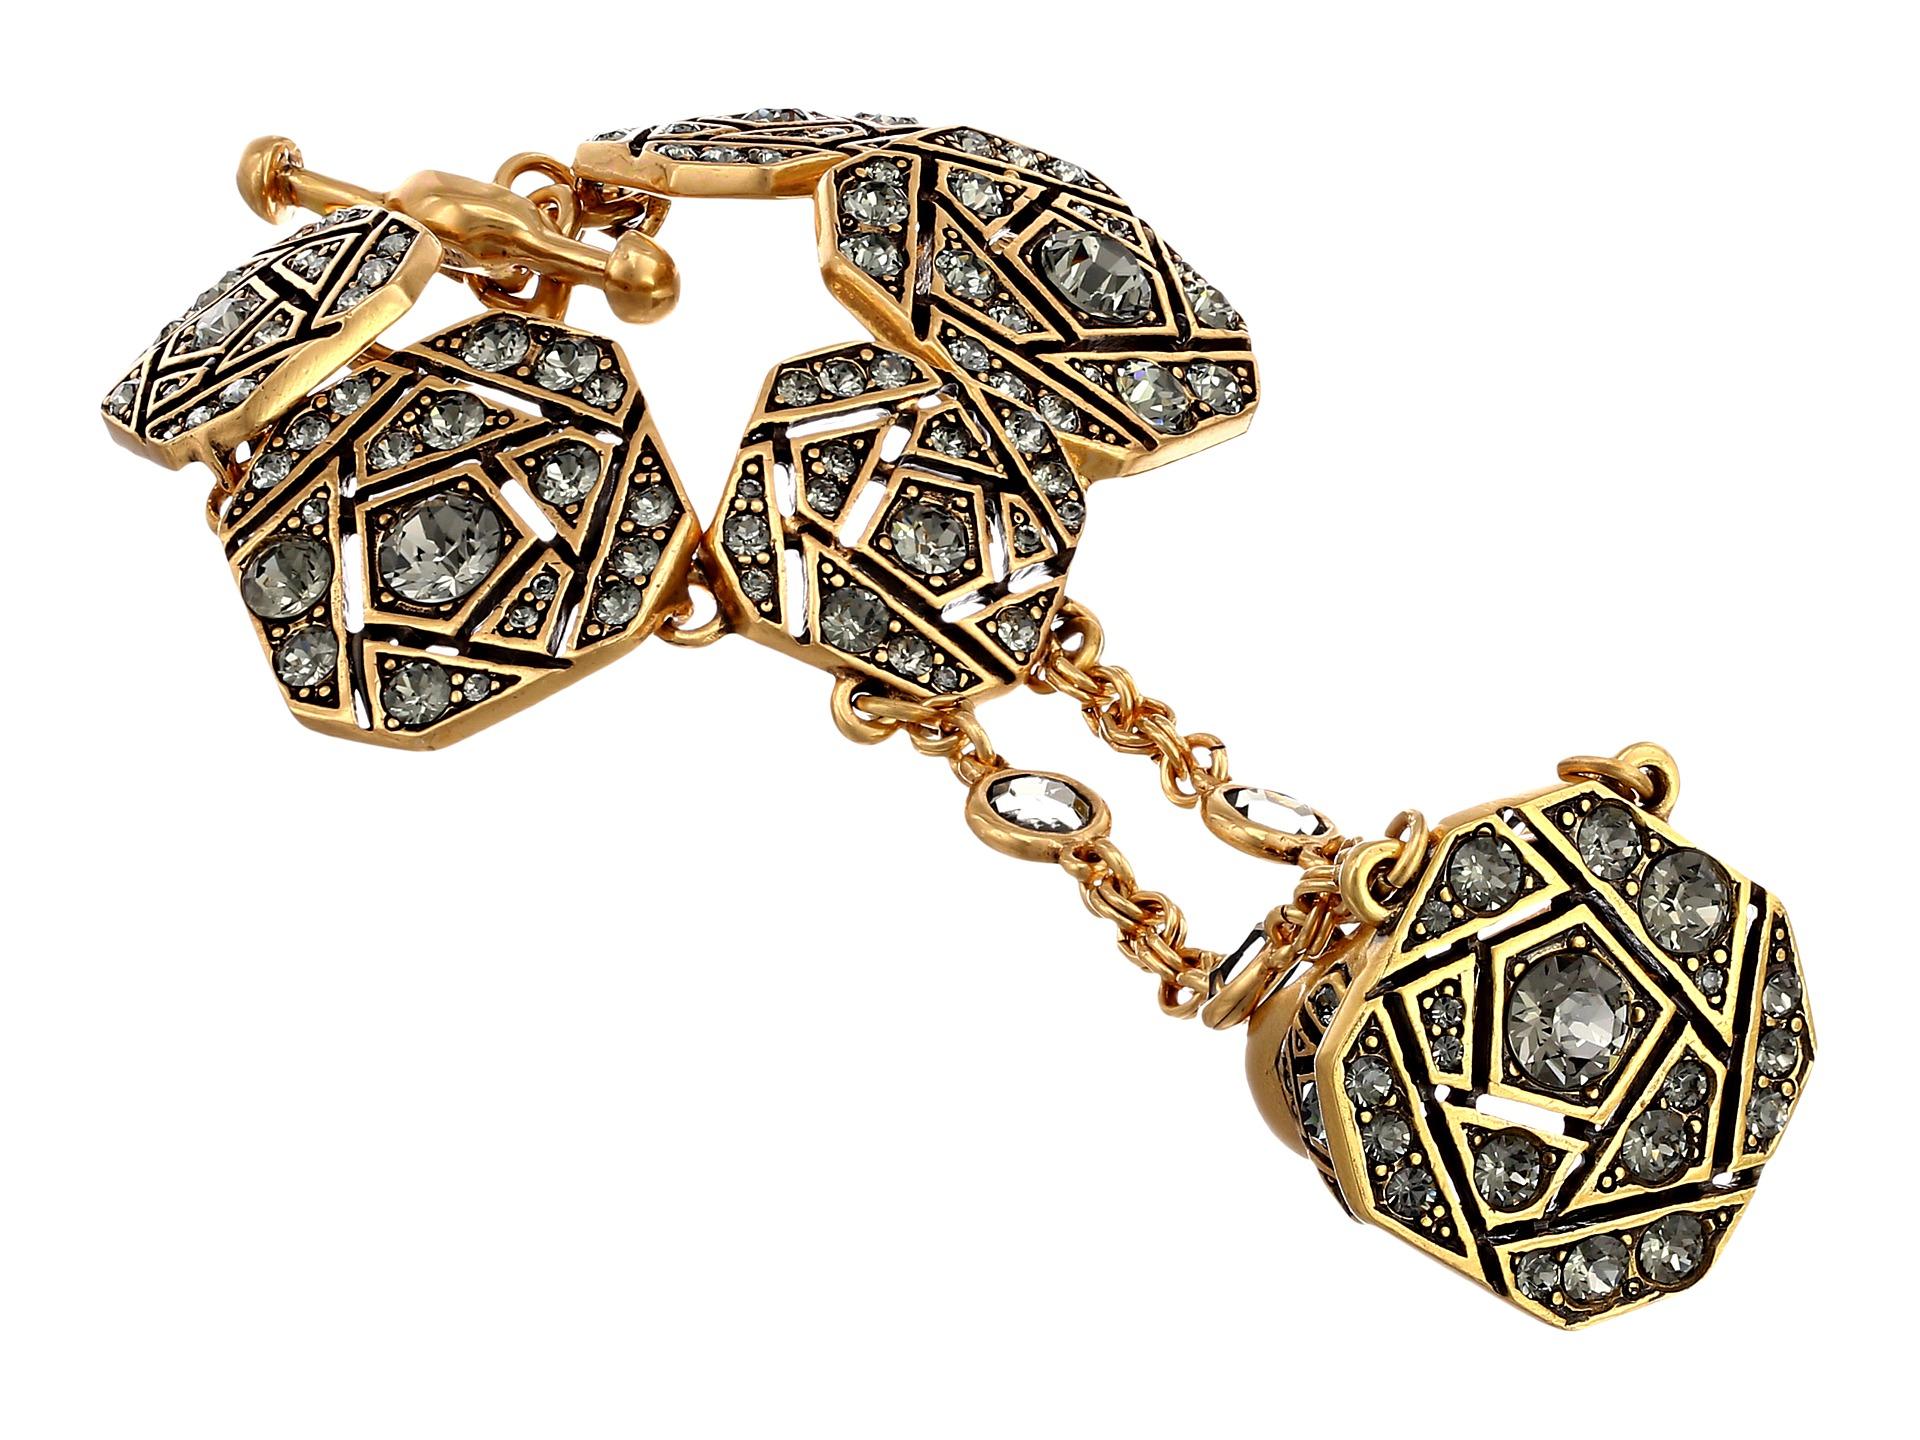 oscar de la renta pave bracelet with ring attached